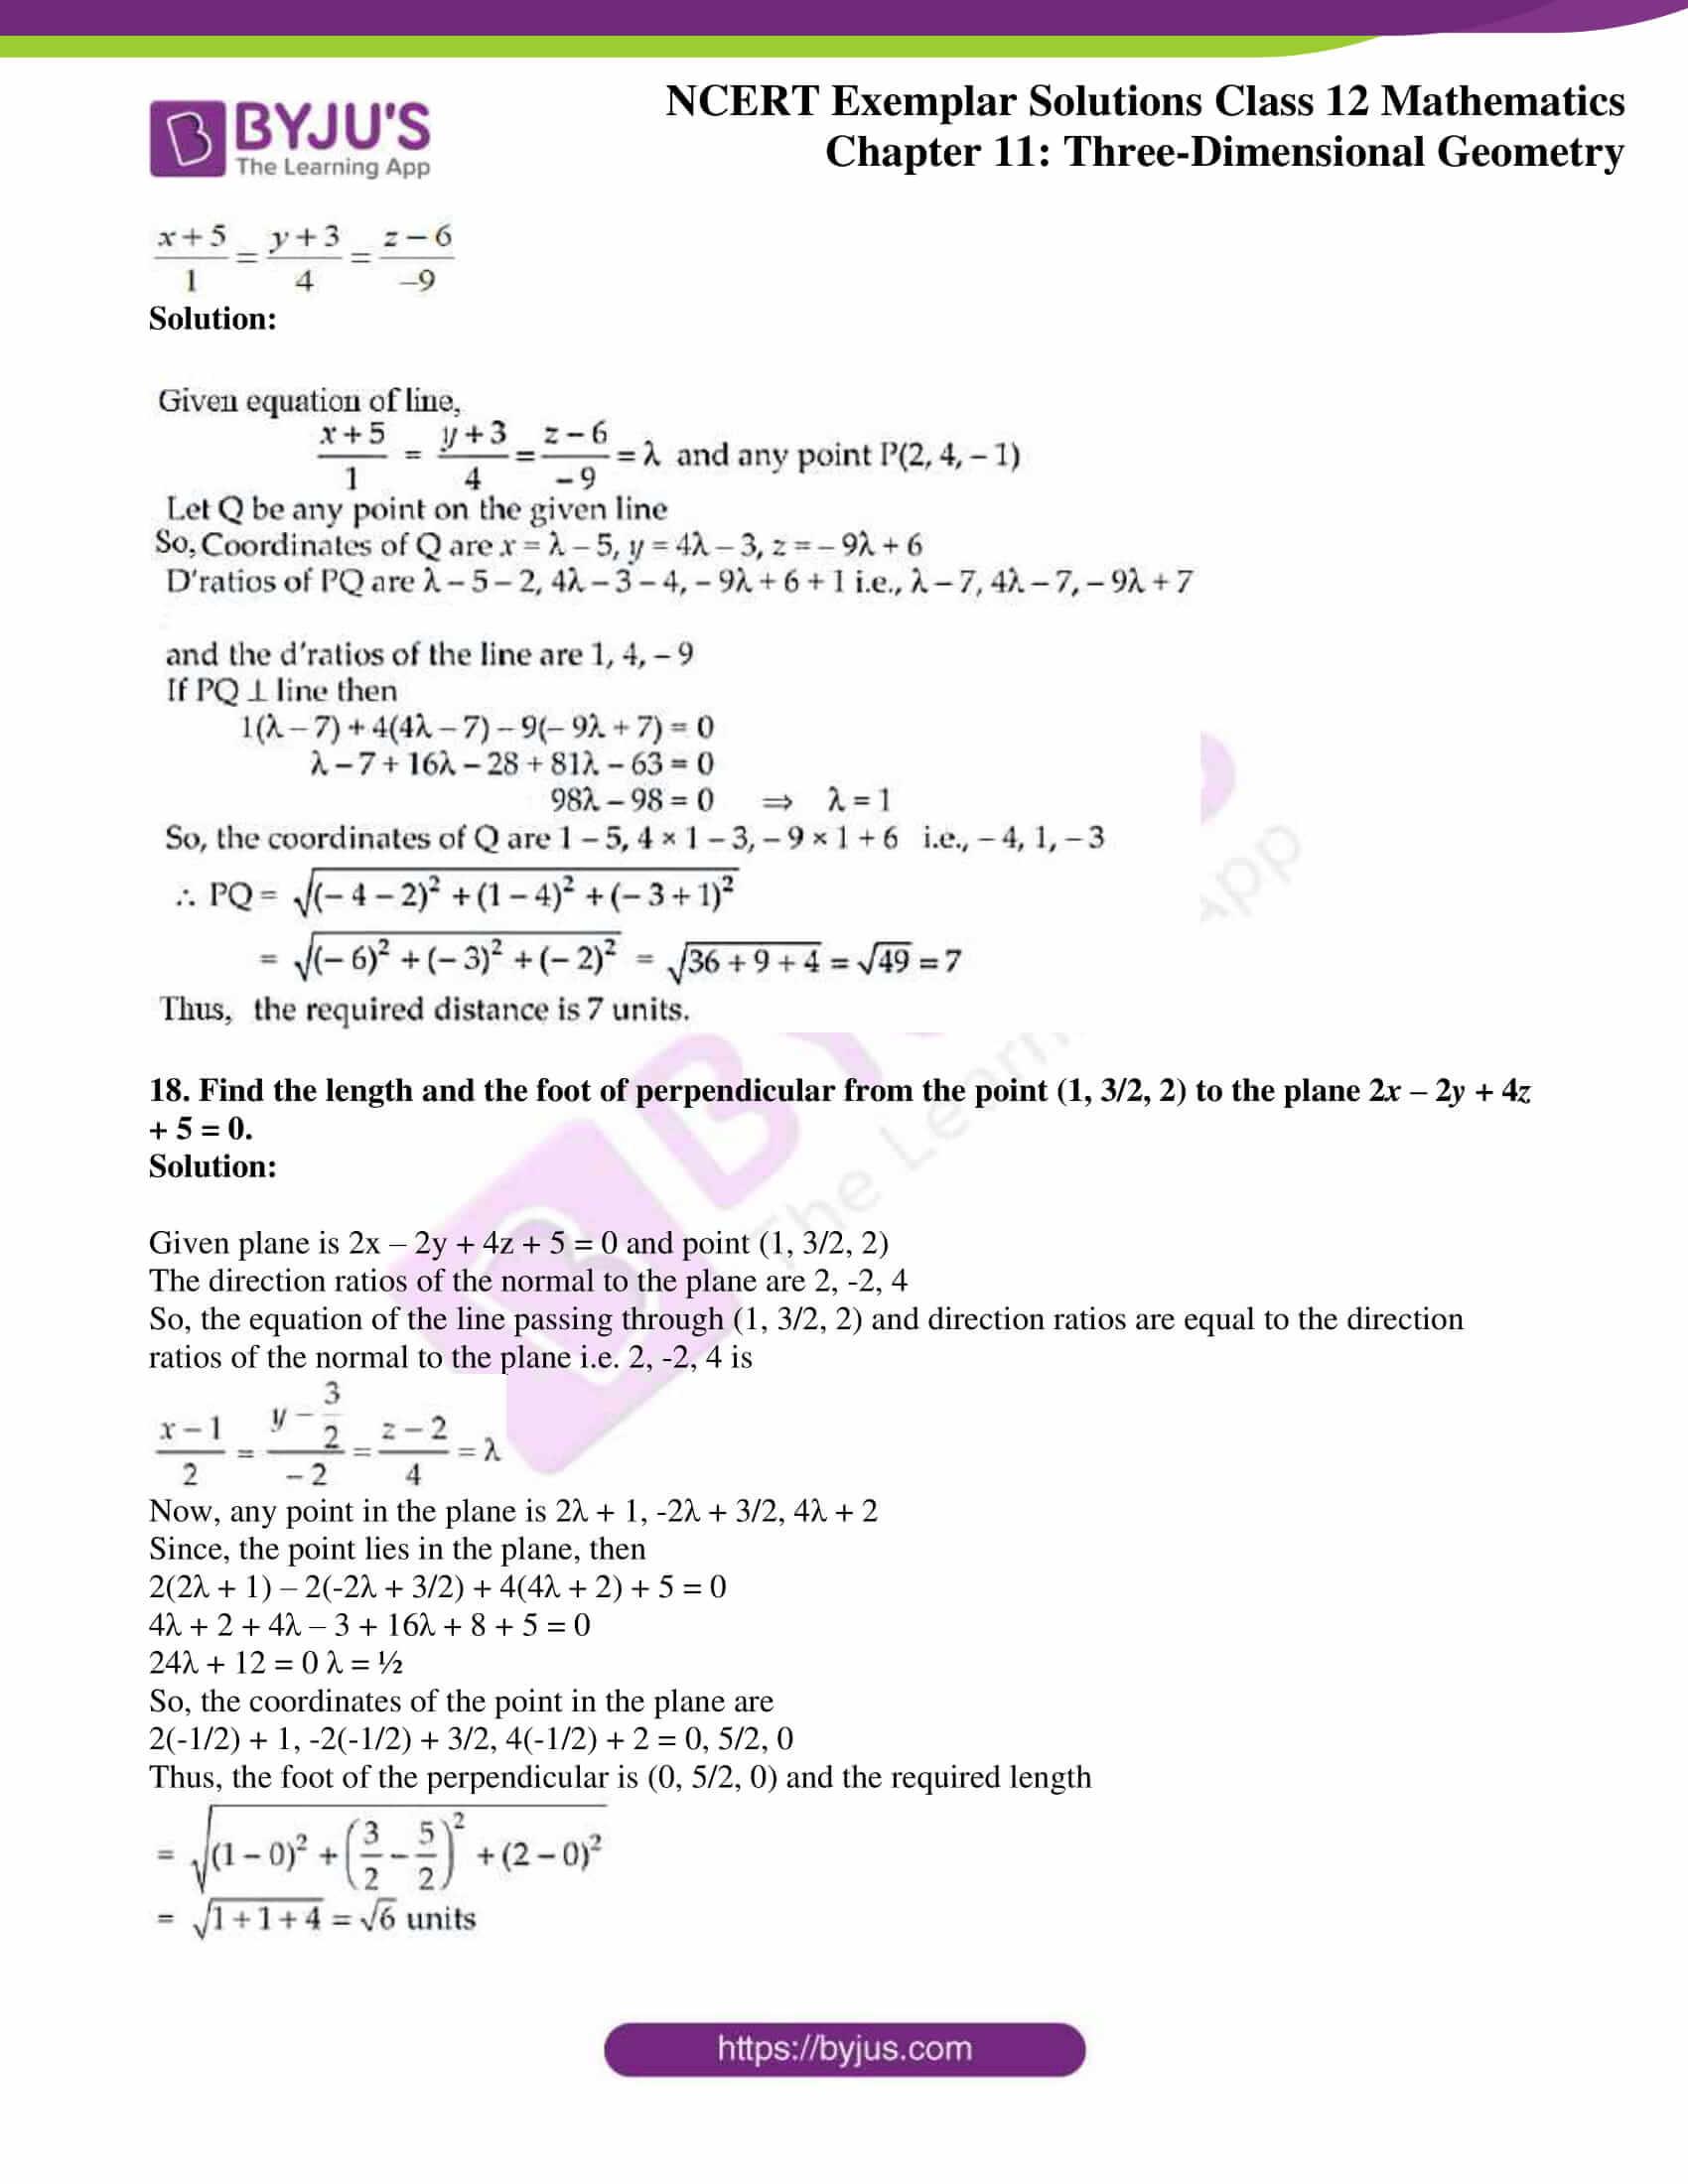 ncert exemplar sol class 12 mathematics ch 11 10